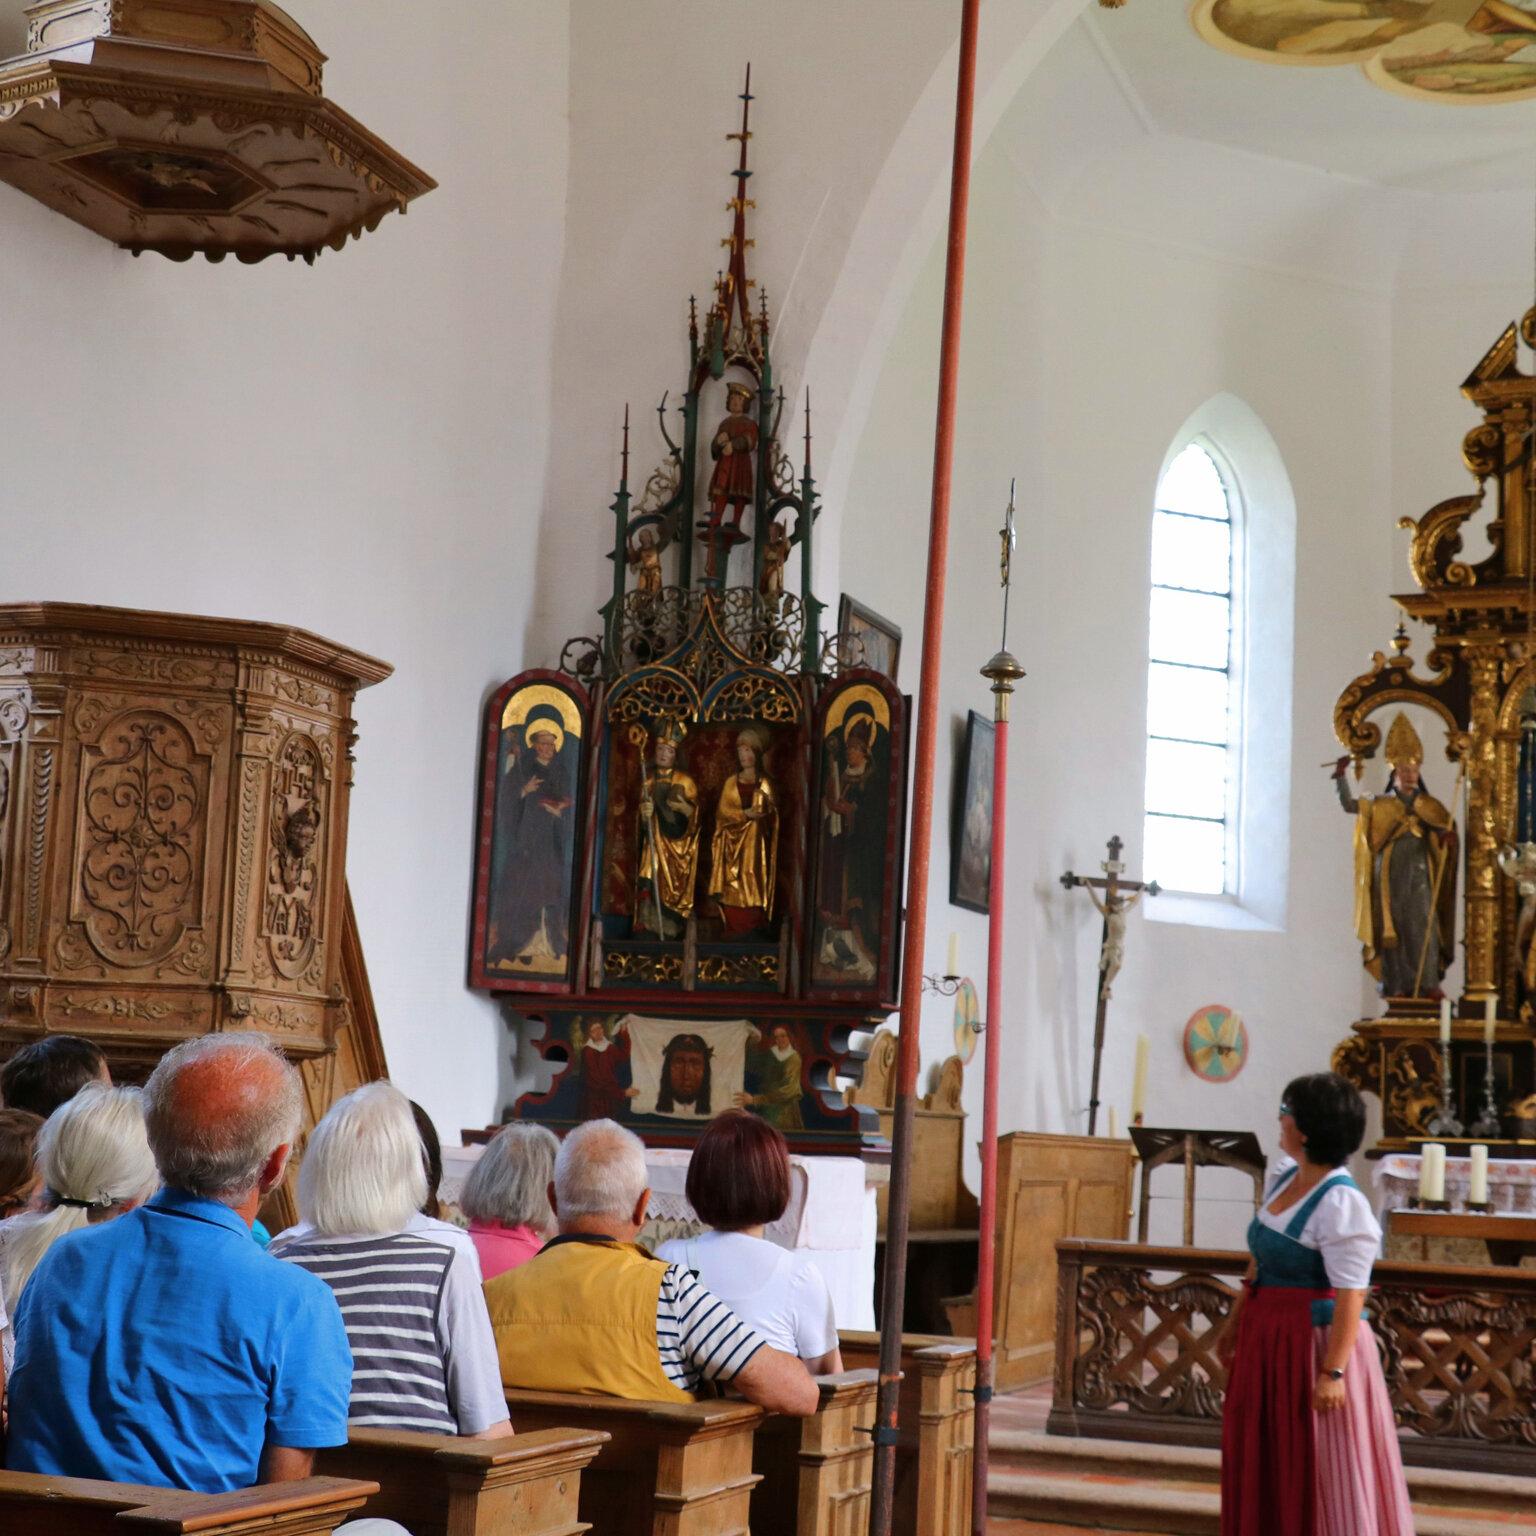 Kirchenführung in der gotischen Wallfahrtskirche Hl. Kreuz in Höhenberg